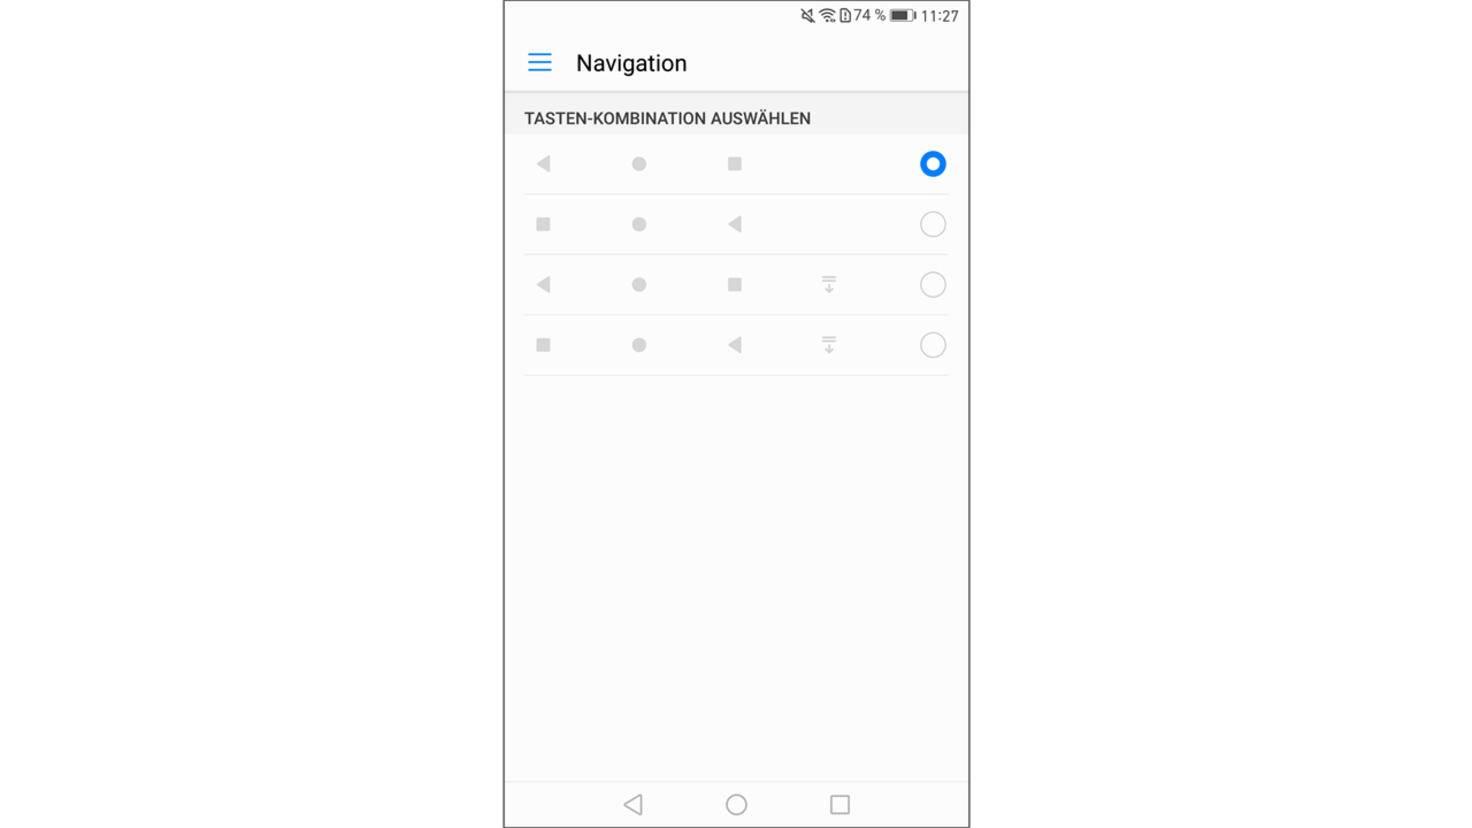 Huawei Mate 9 Screenshot 8